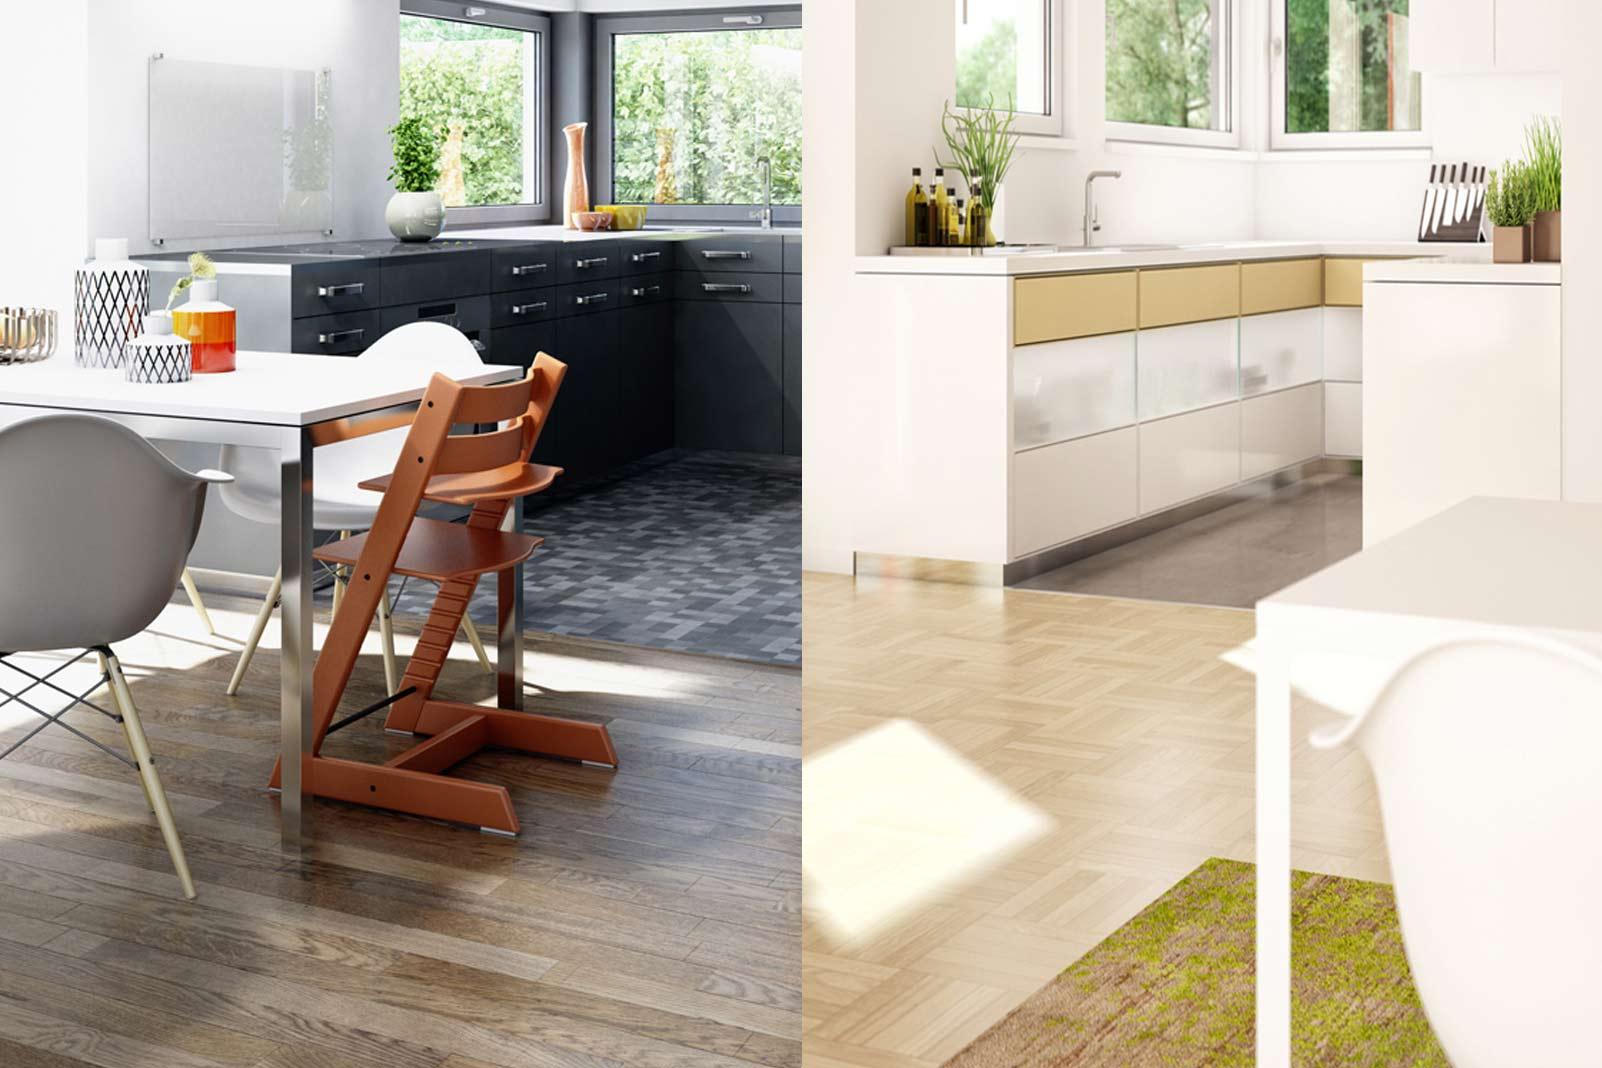 Frauenküchen sind anders. Männerküchen auch. » LIVVI.DE